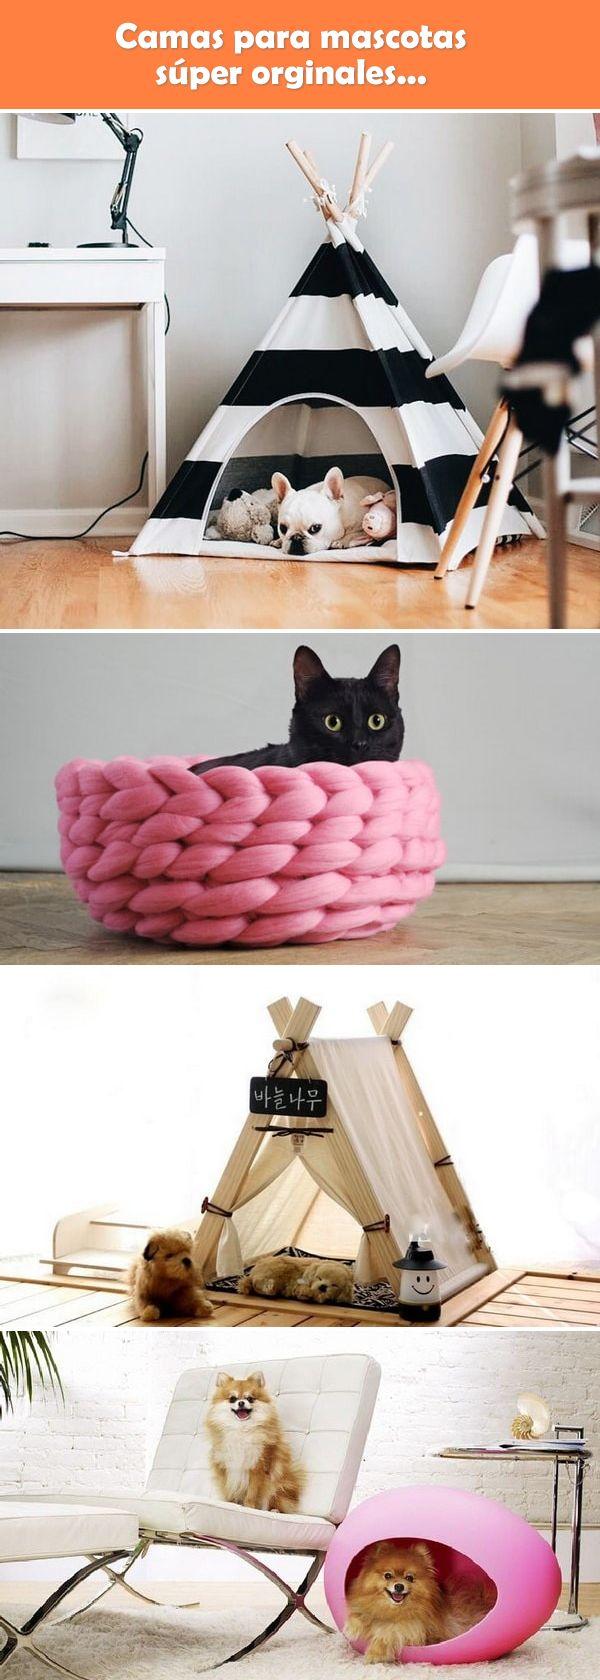 22 best mascotas images on pinterest pet beds cat beds - Camas para gatos ...